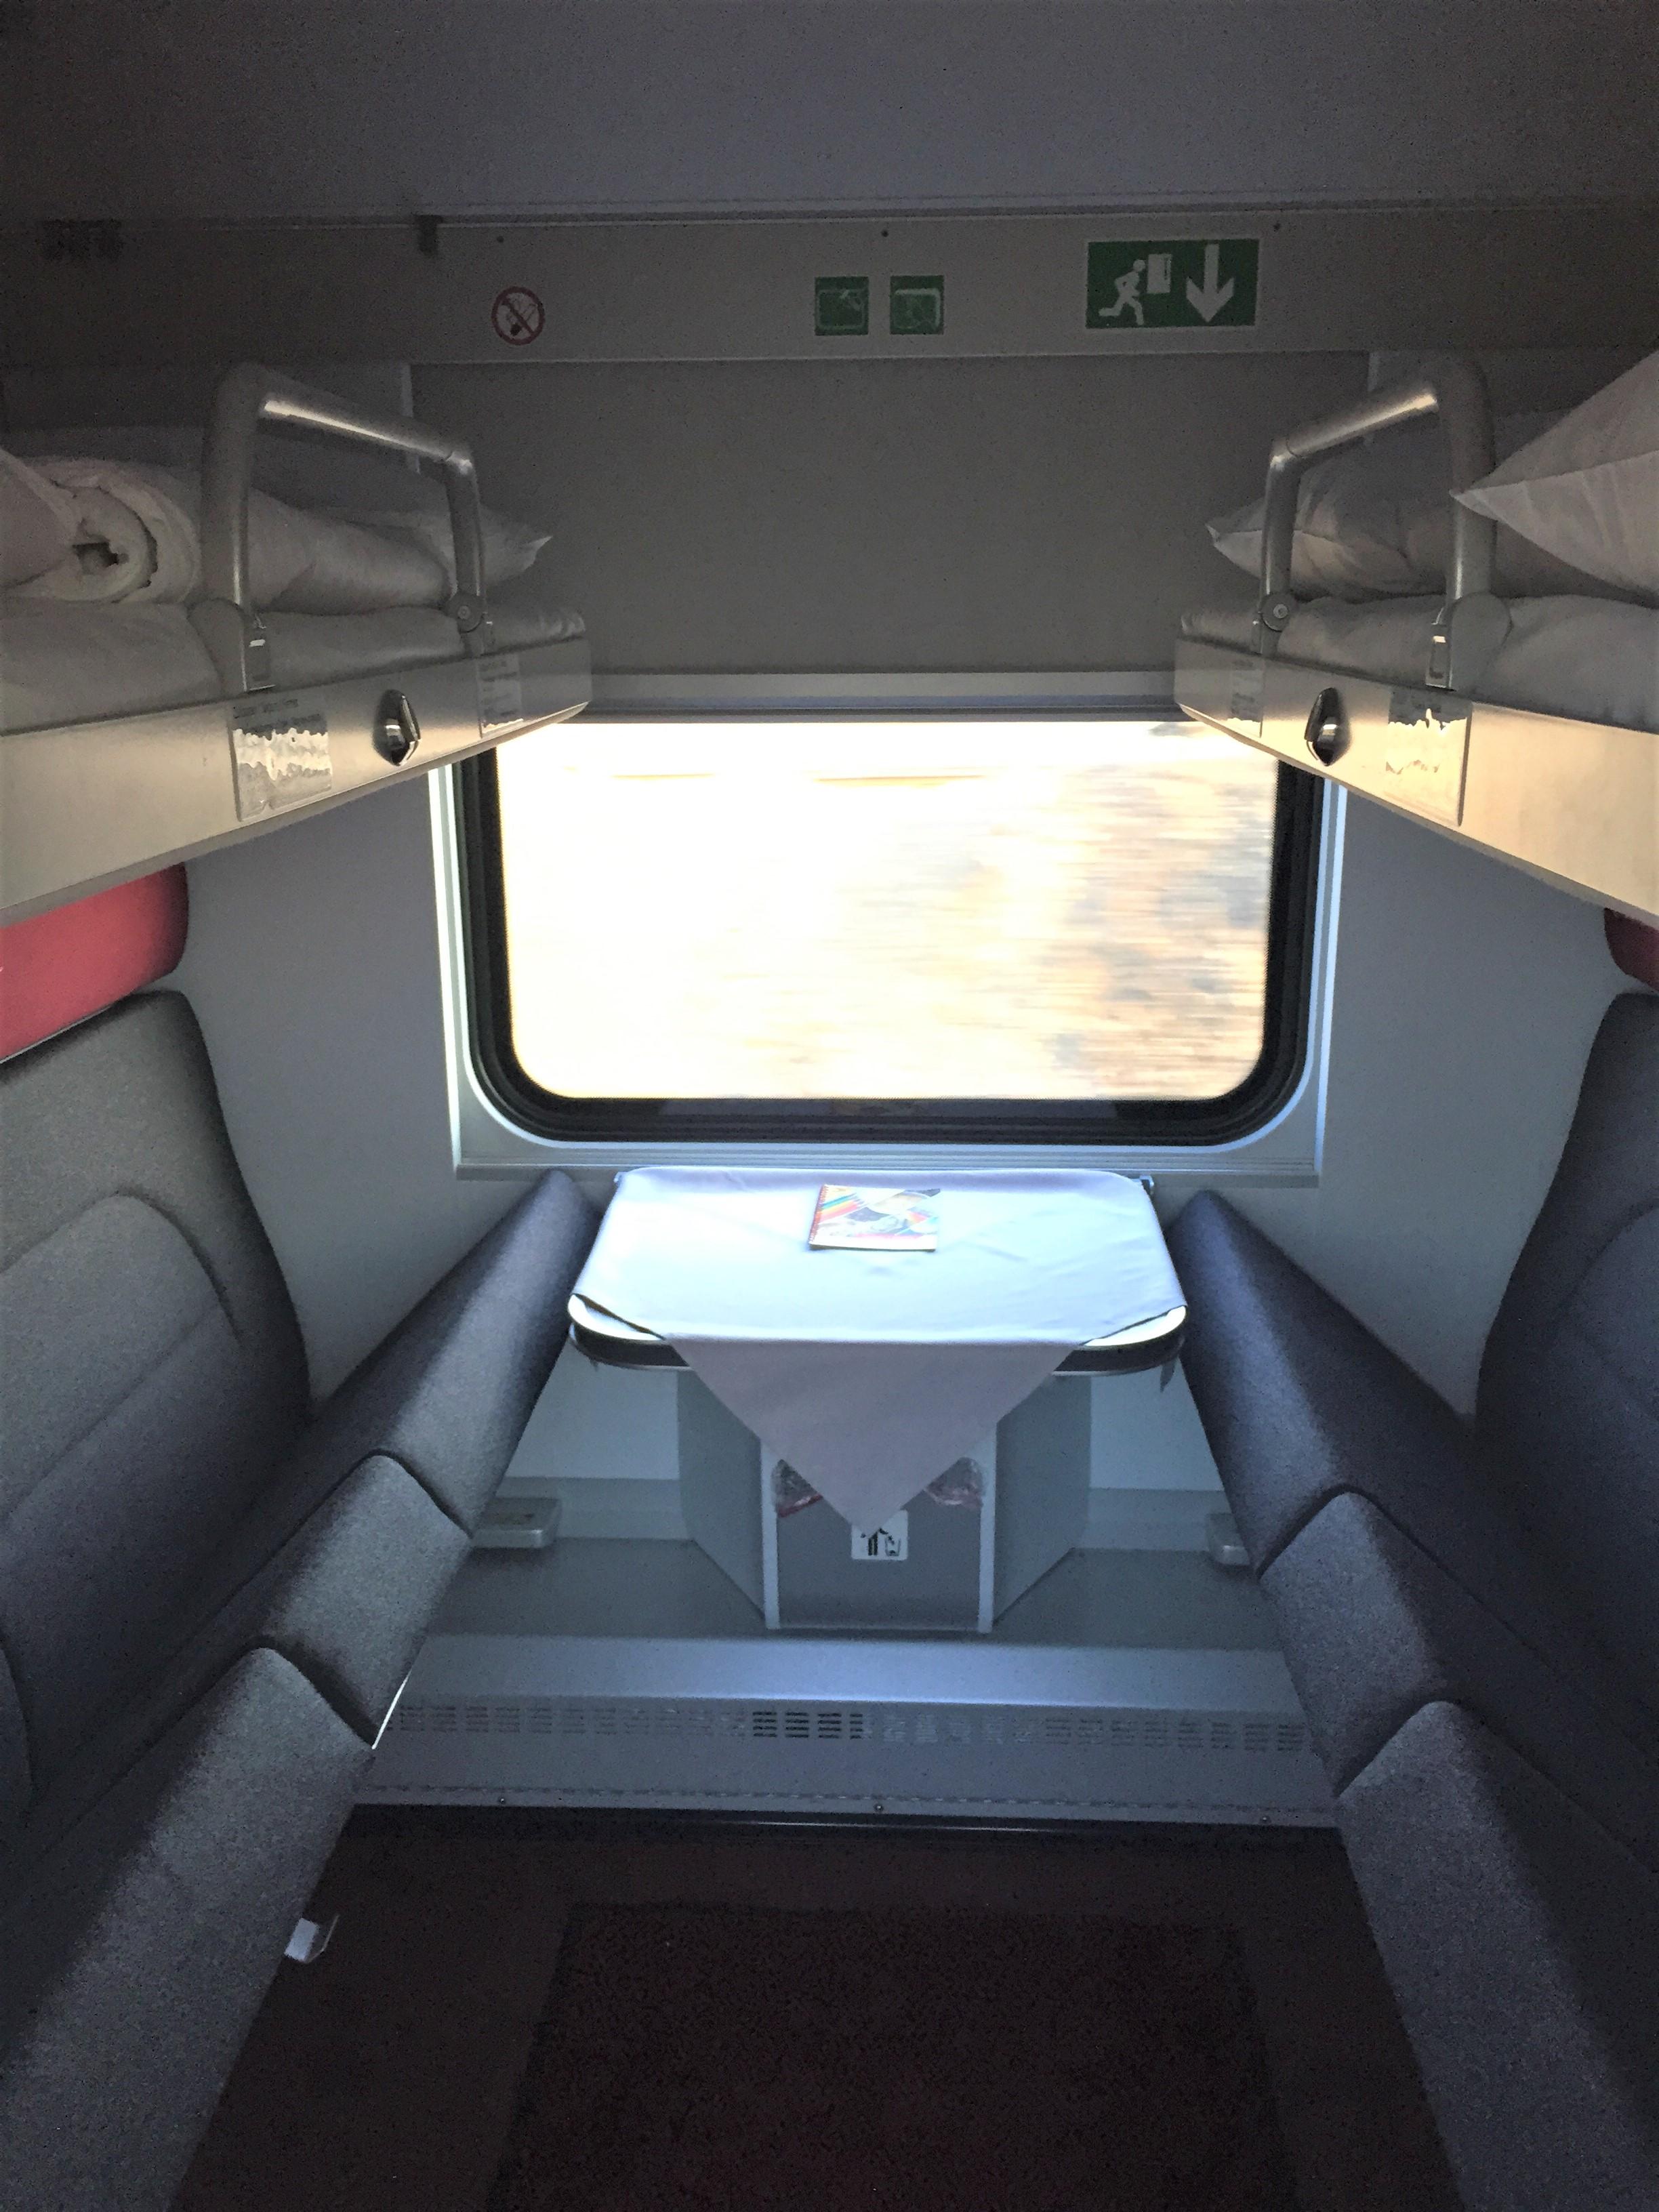 traincompartment